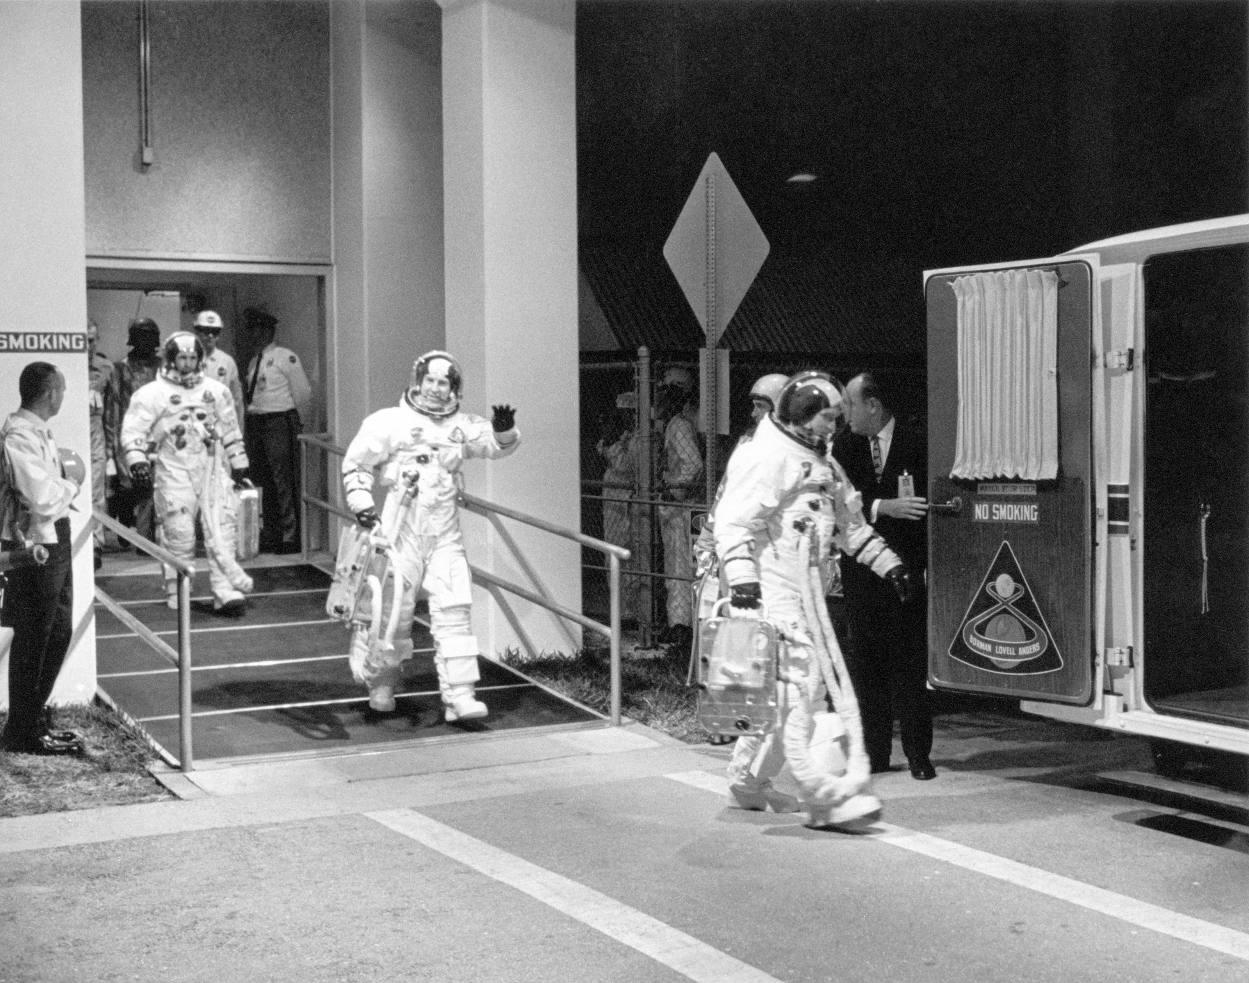 Il y a 50 ans, Apollo 8 autour de la Lune ou l'audace américaine